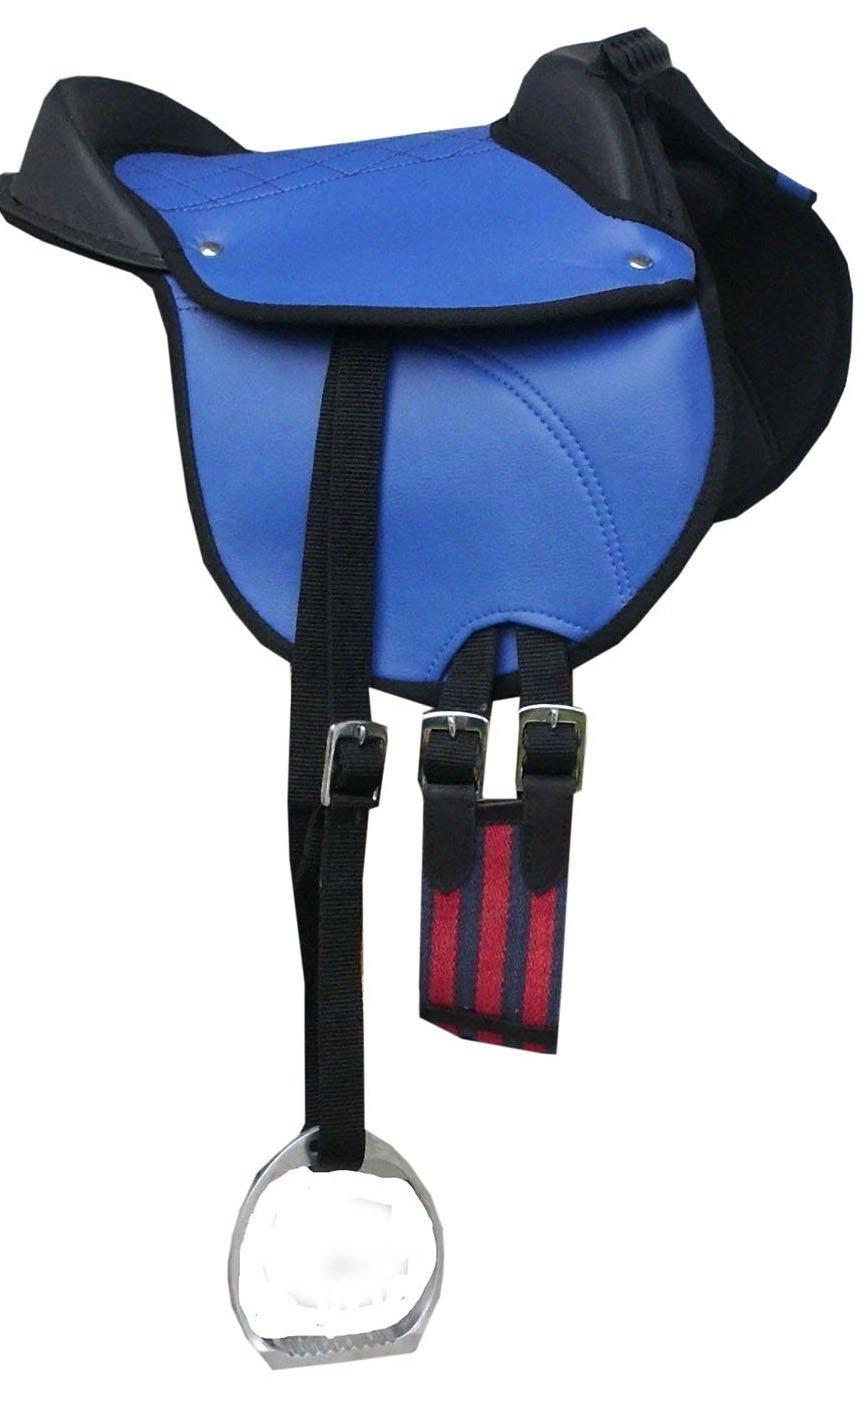 Amesbichler Ponysattel Shettysattel Ponyreitkissen Reitkissen mit Zubehör passend komplettes Set blau 12″ | Pony Reitpad auch für Holzpferde geeignetes Sattelset | Cub Saddle Set